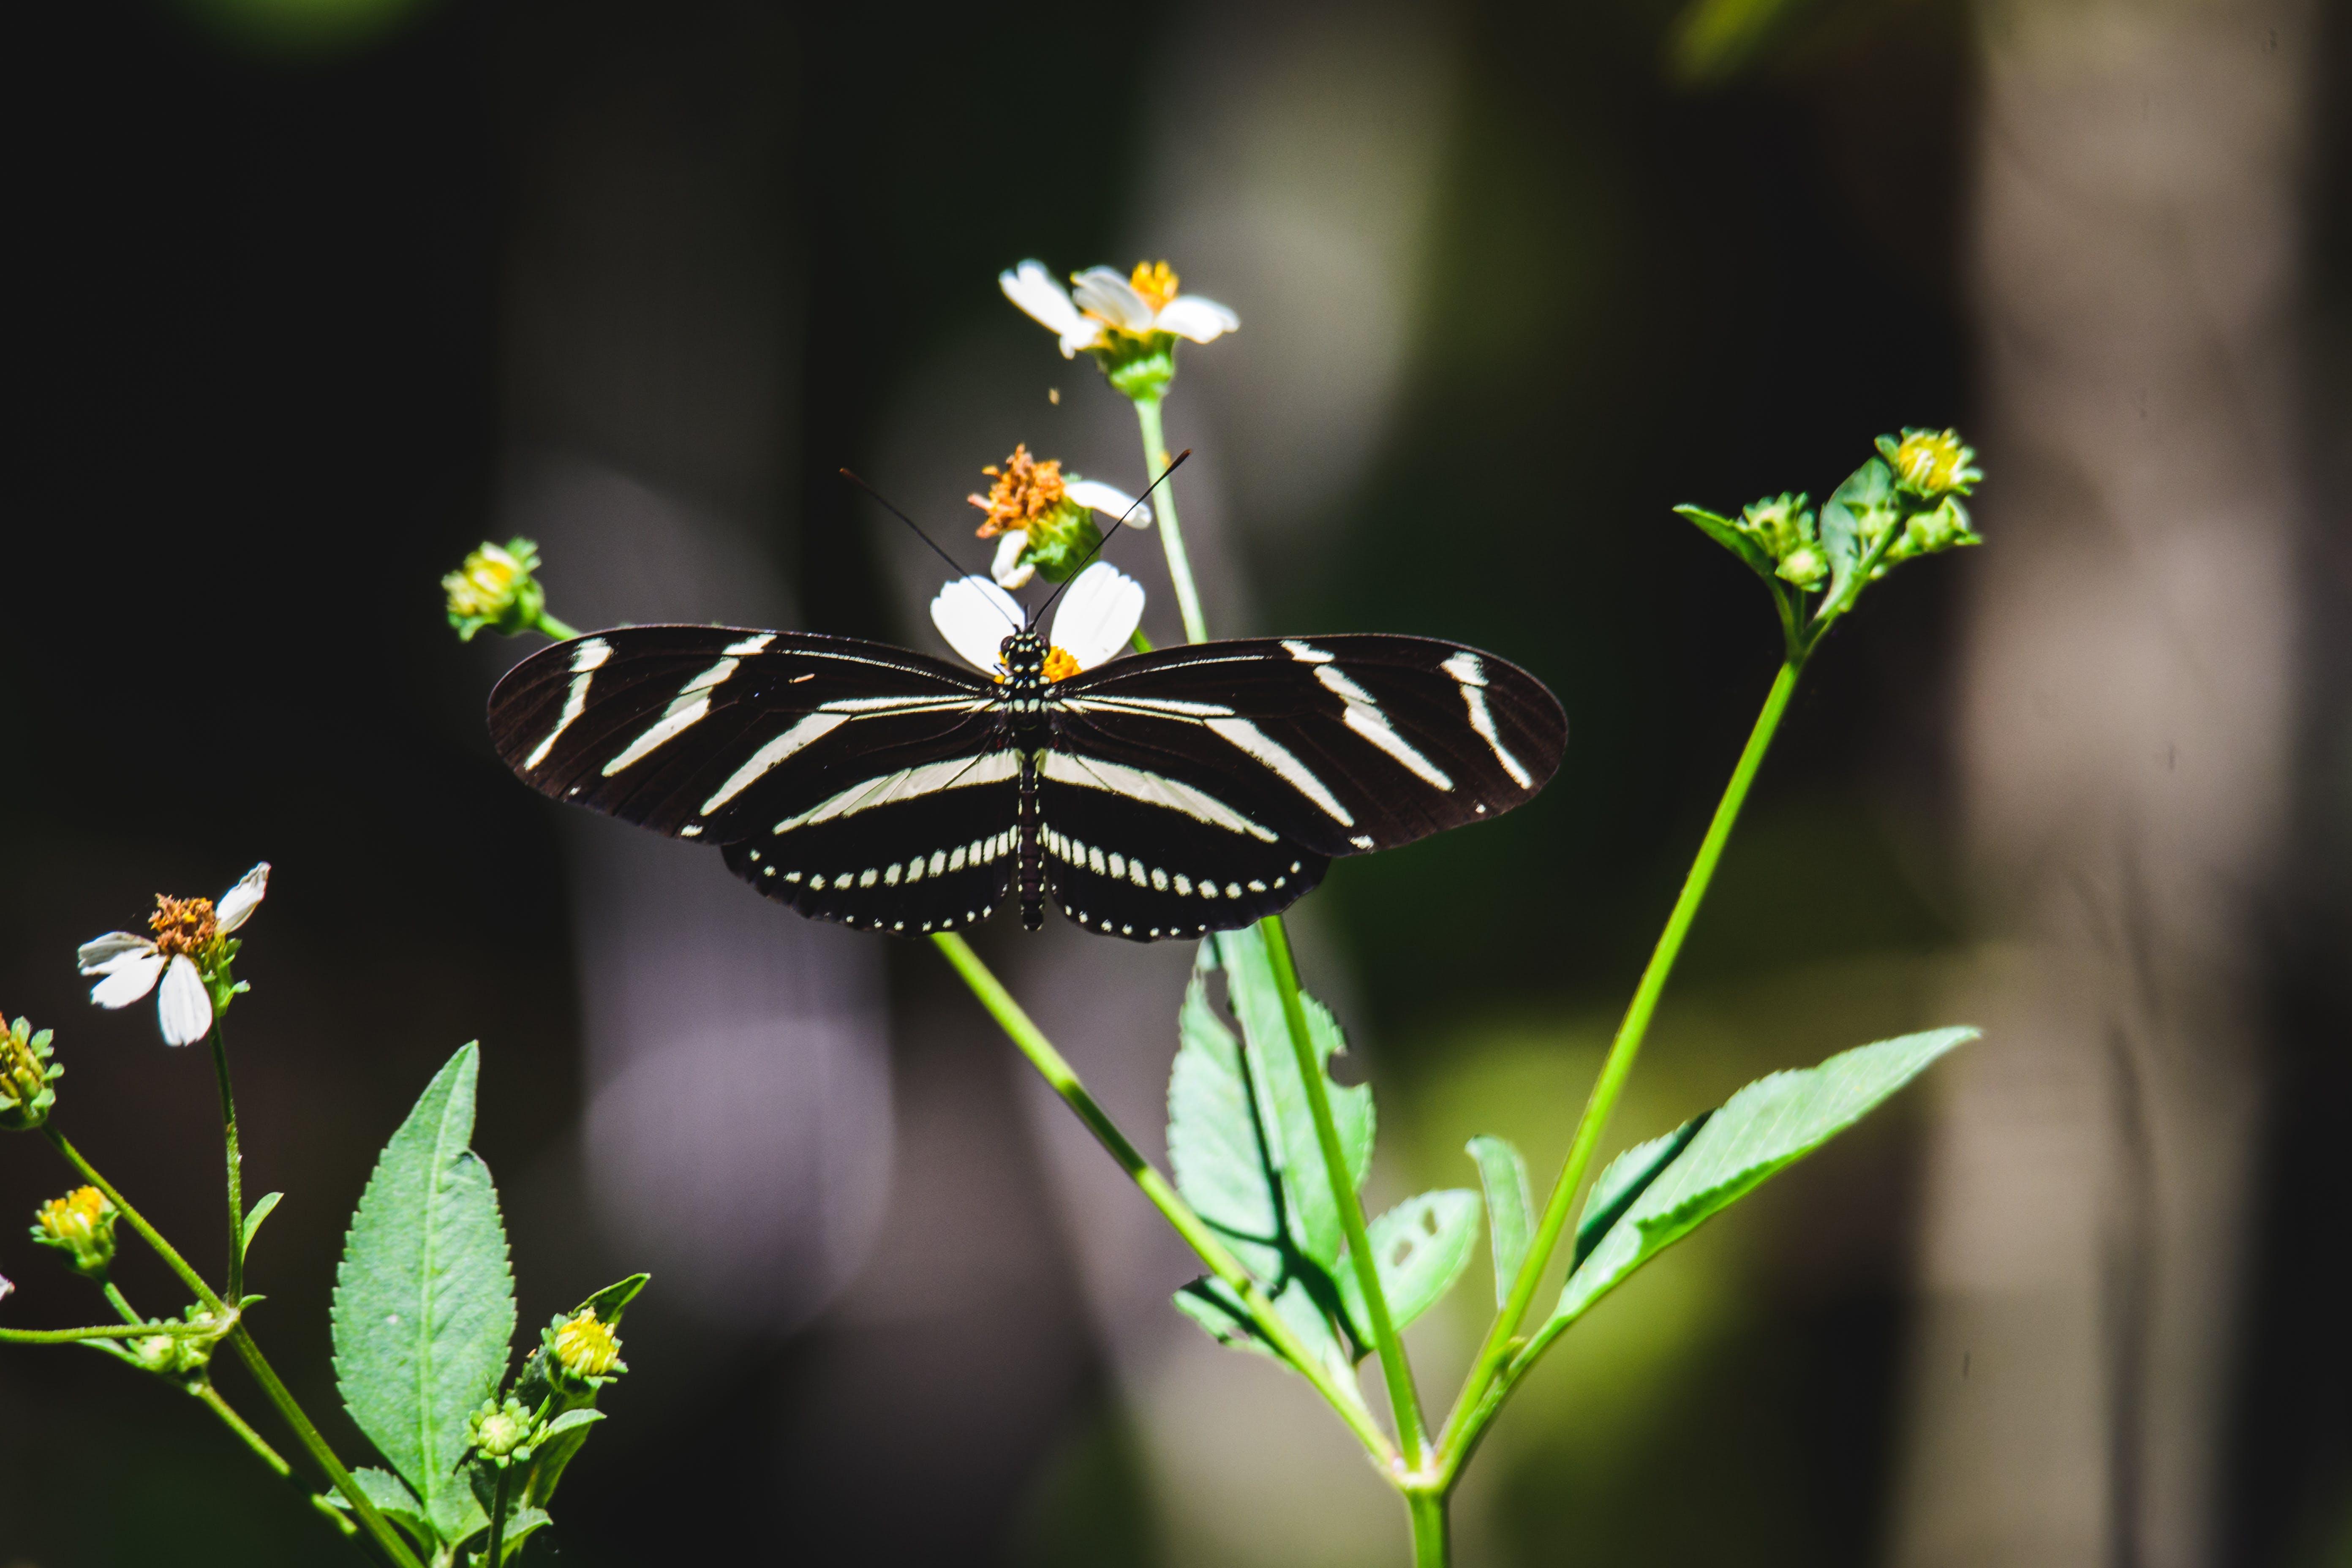 Zebra Longwing Butterfly on Green Leaf Plant